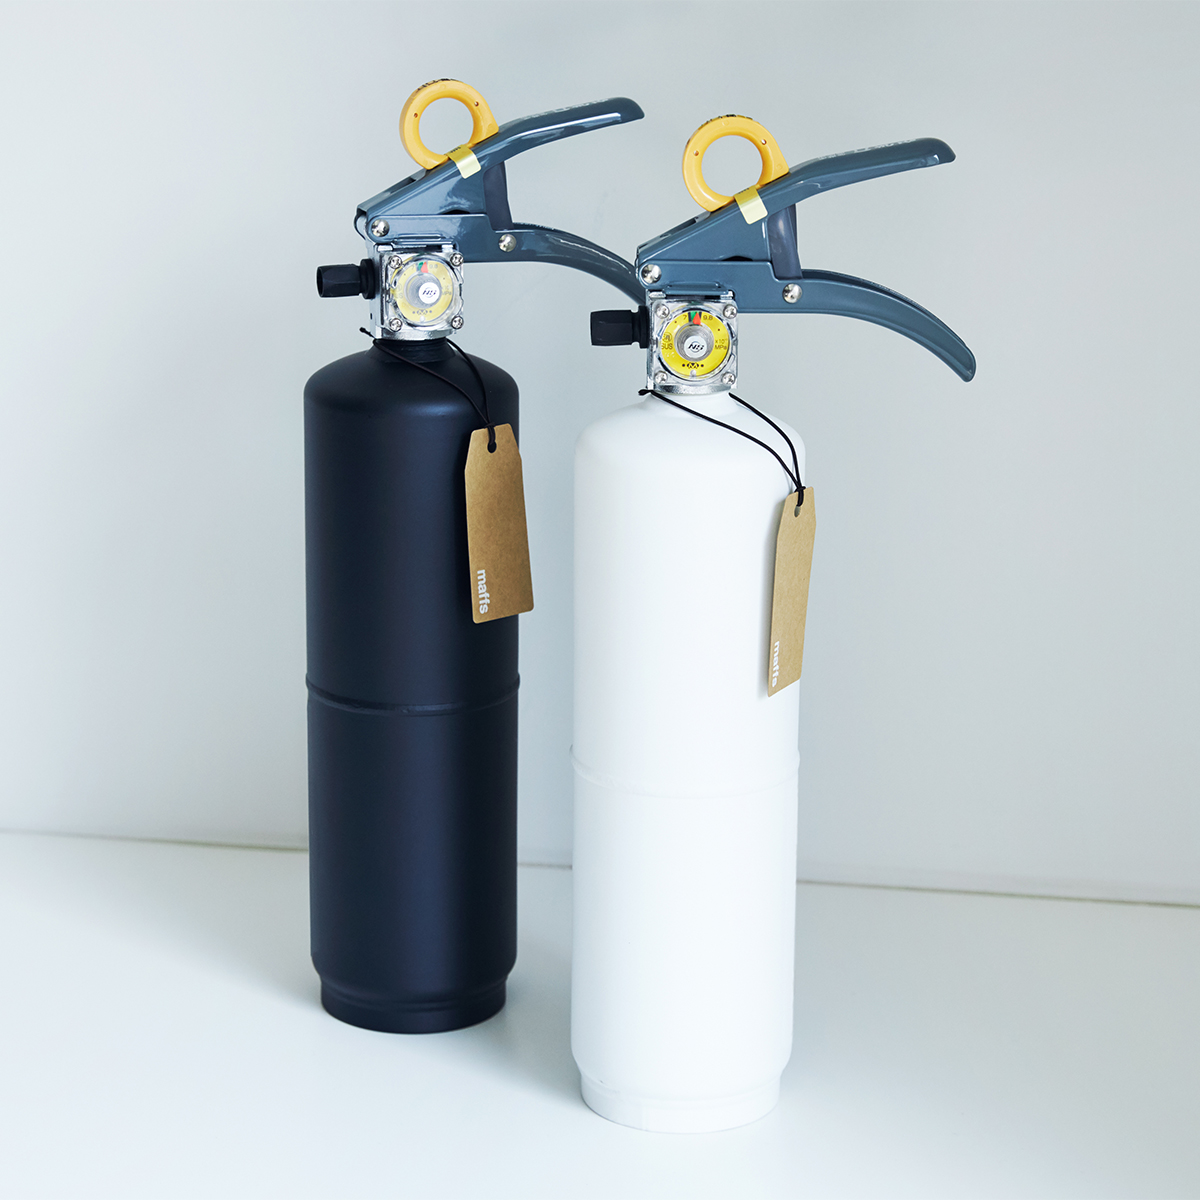 白か黒か、悩むのも楽しいデザイン防災。お酢が主成分の消火薬剤だから、後片付けがラク!玄関やリビングにも飾れる「モノトーンの住宅用消火器」|+maffs(マフス)